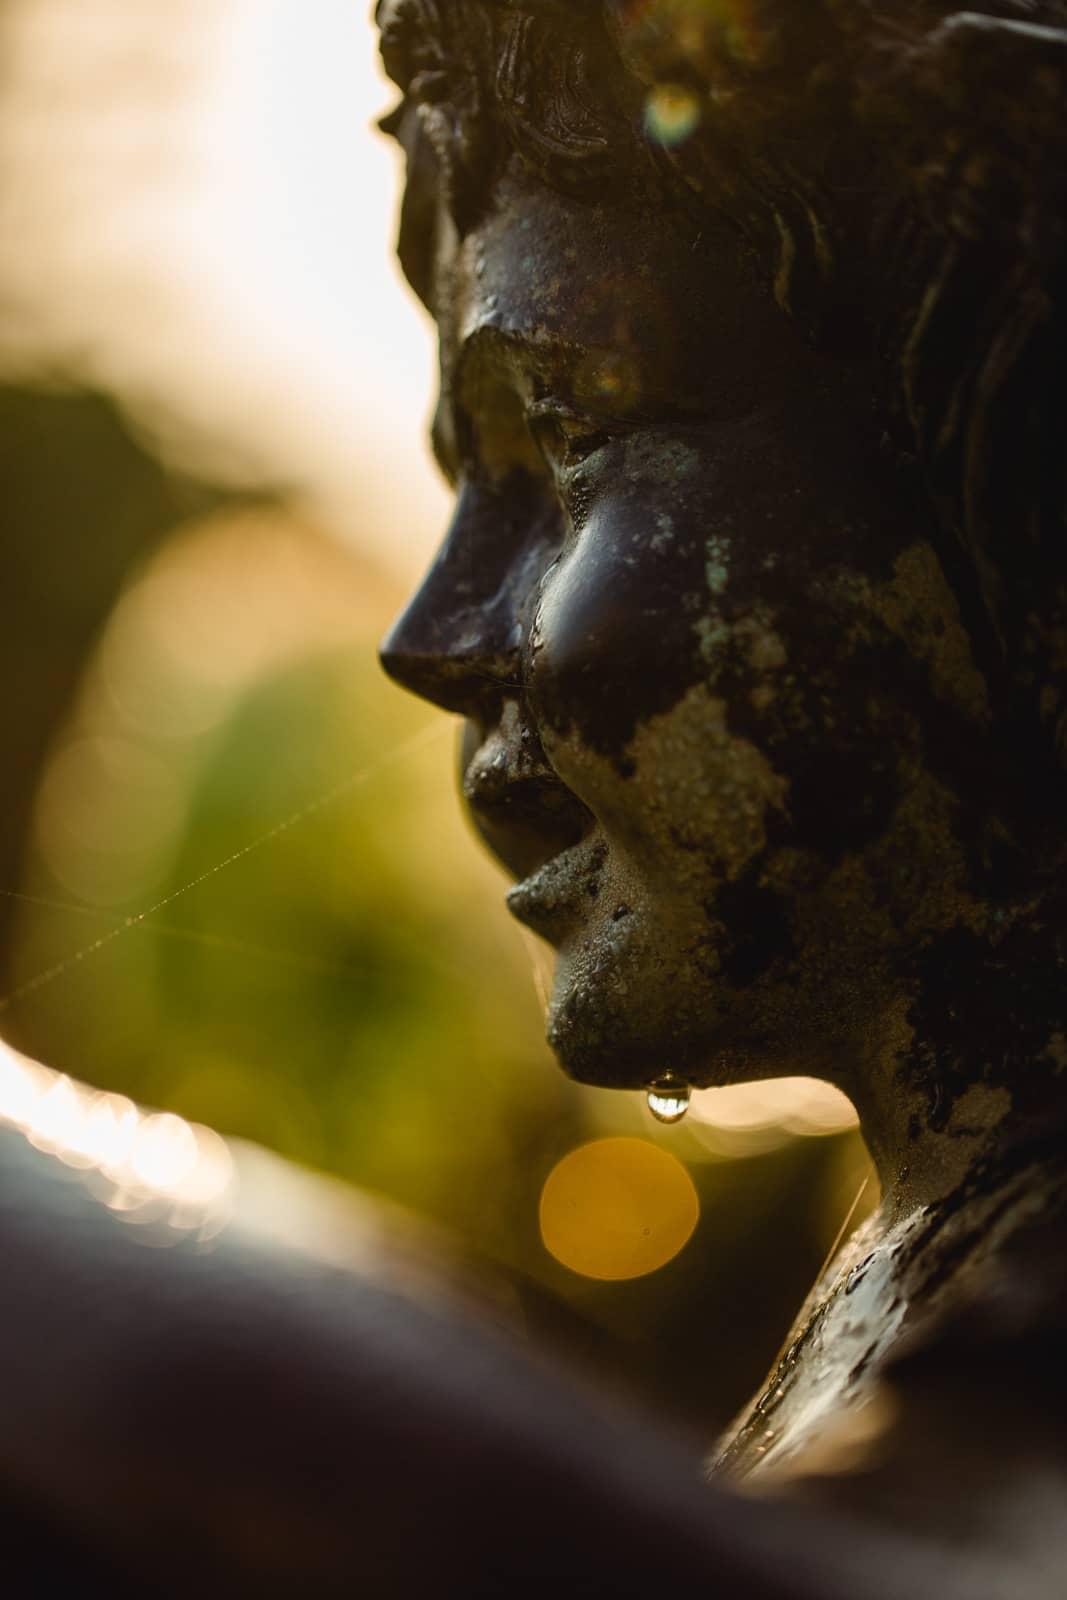 Südsteiermark Garten Polz Pan im herbstlichen Novemberstimmung und Tautropfen